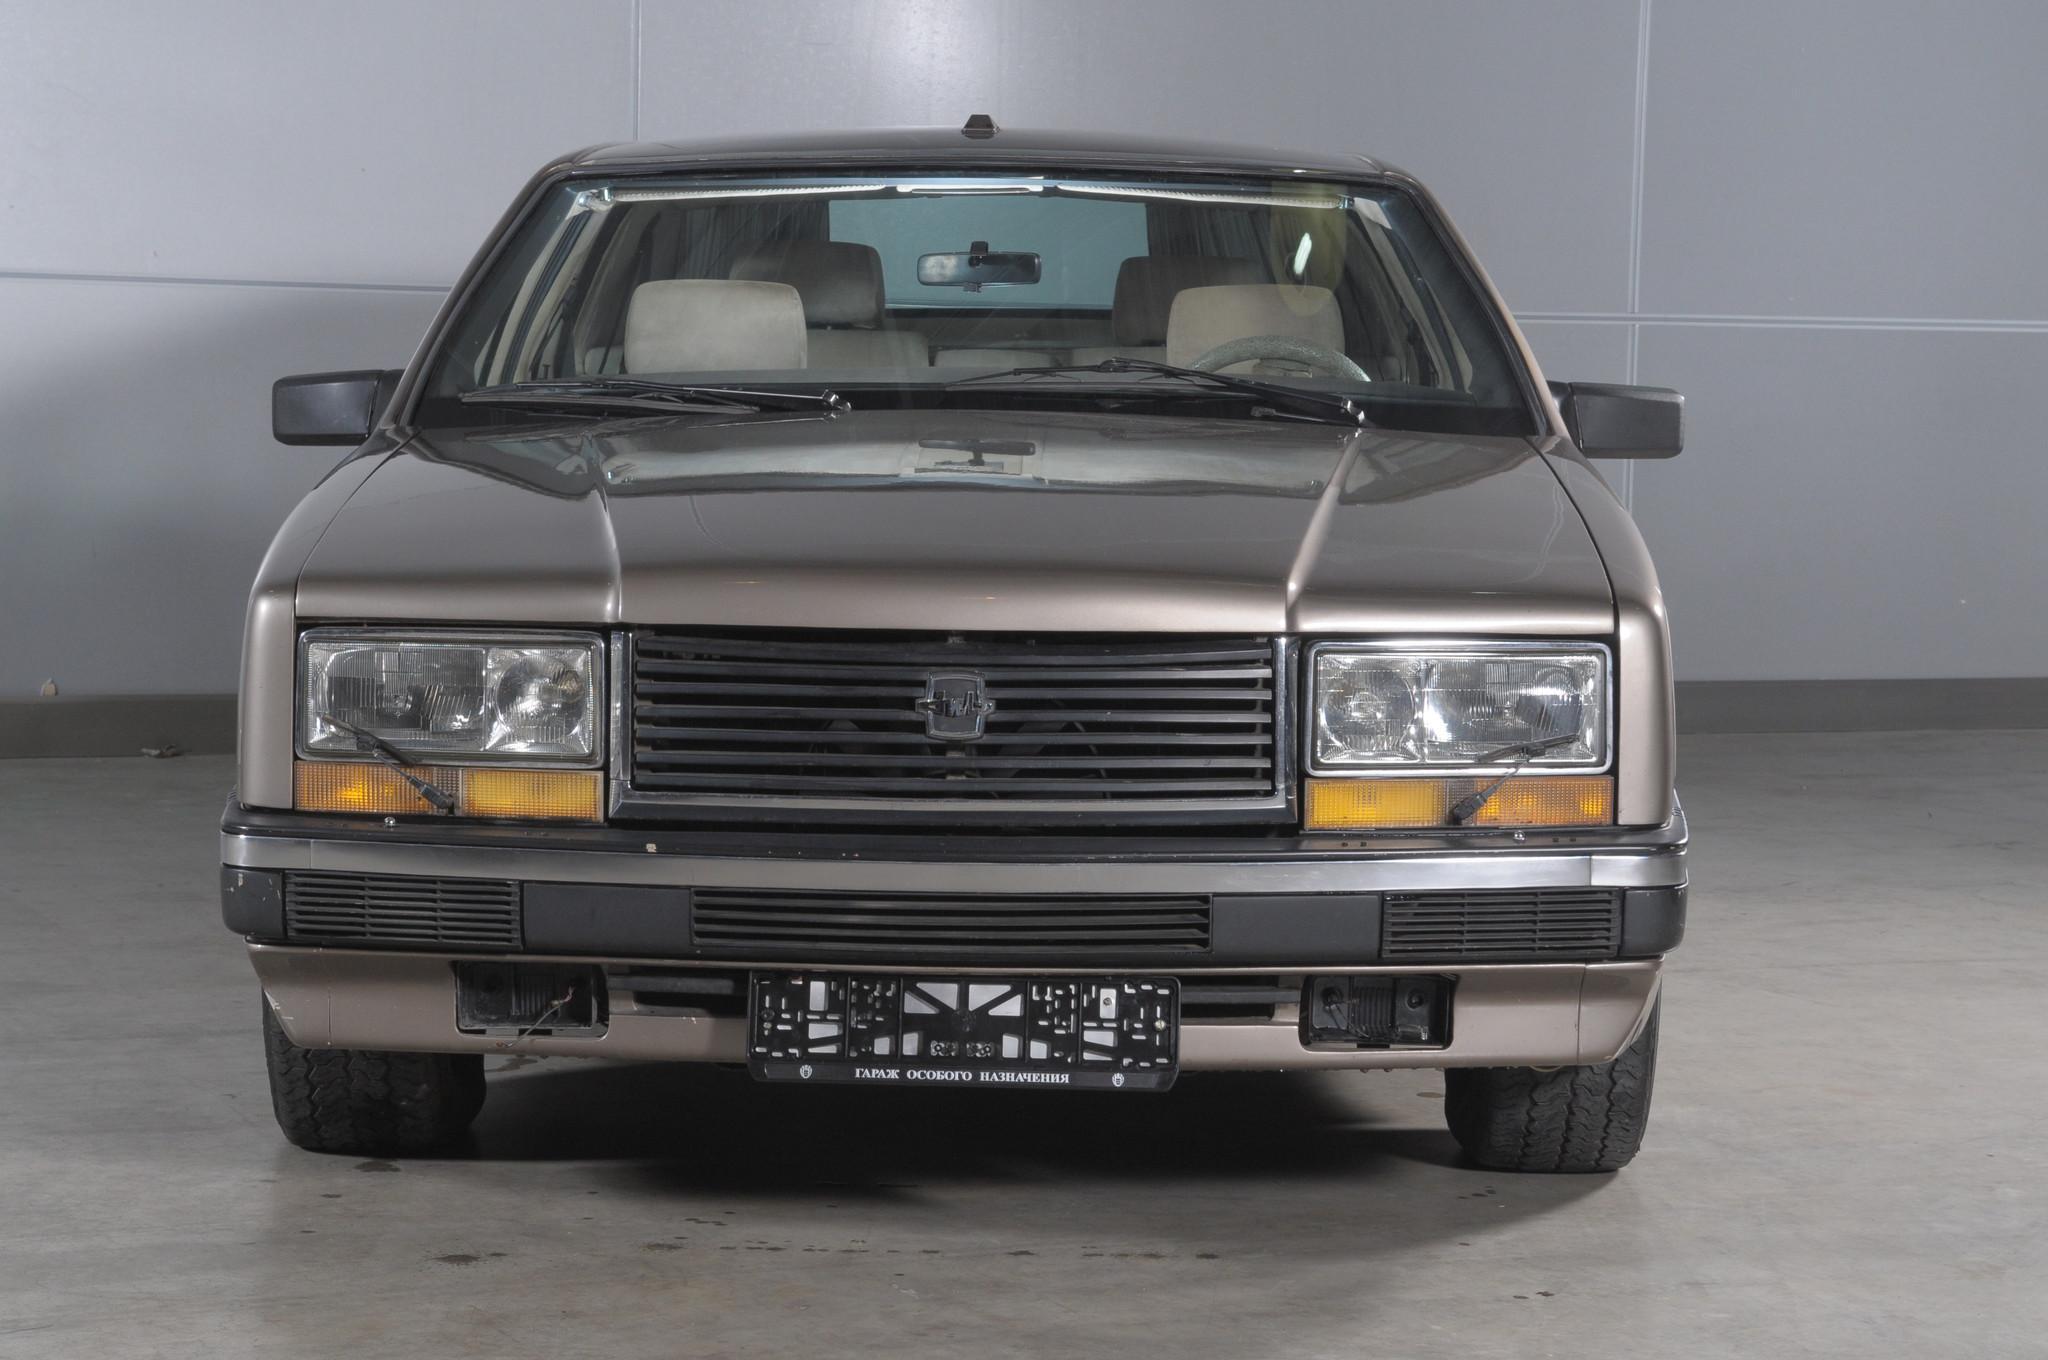 Автомобиль представительского класса ЗИЛ-4102 (16 фото)